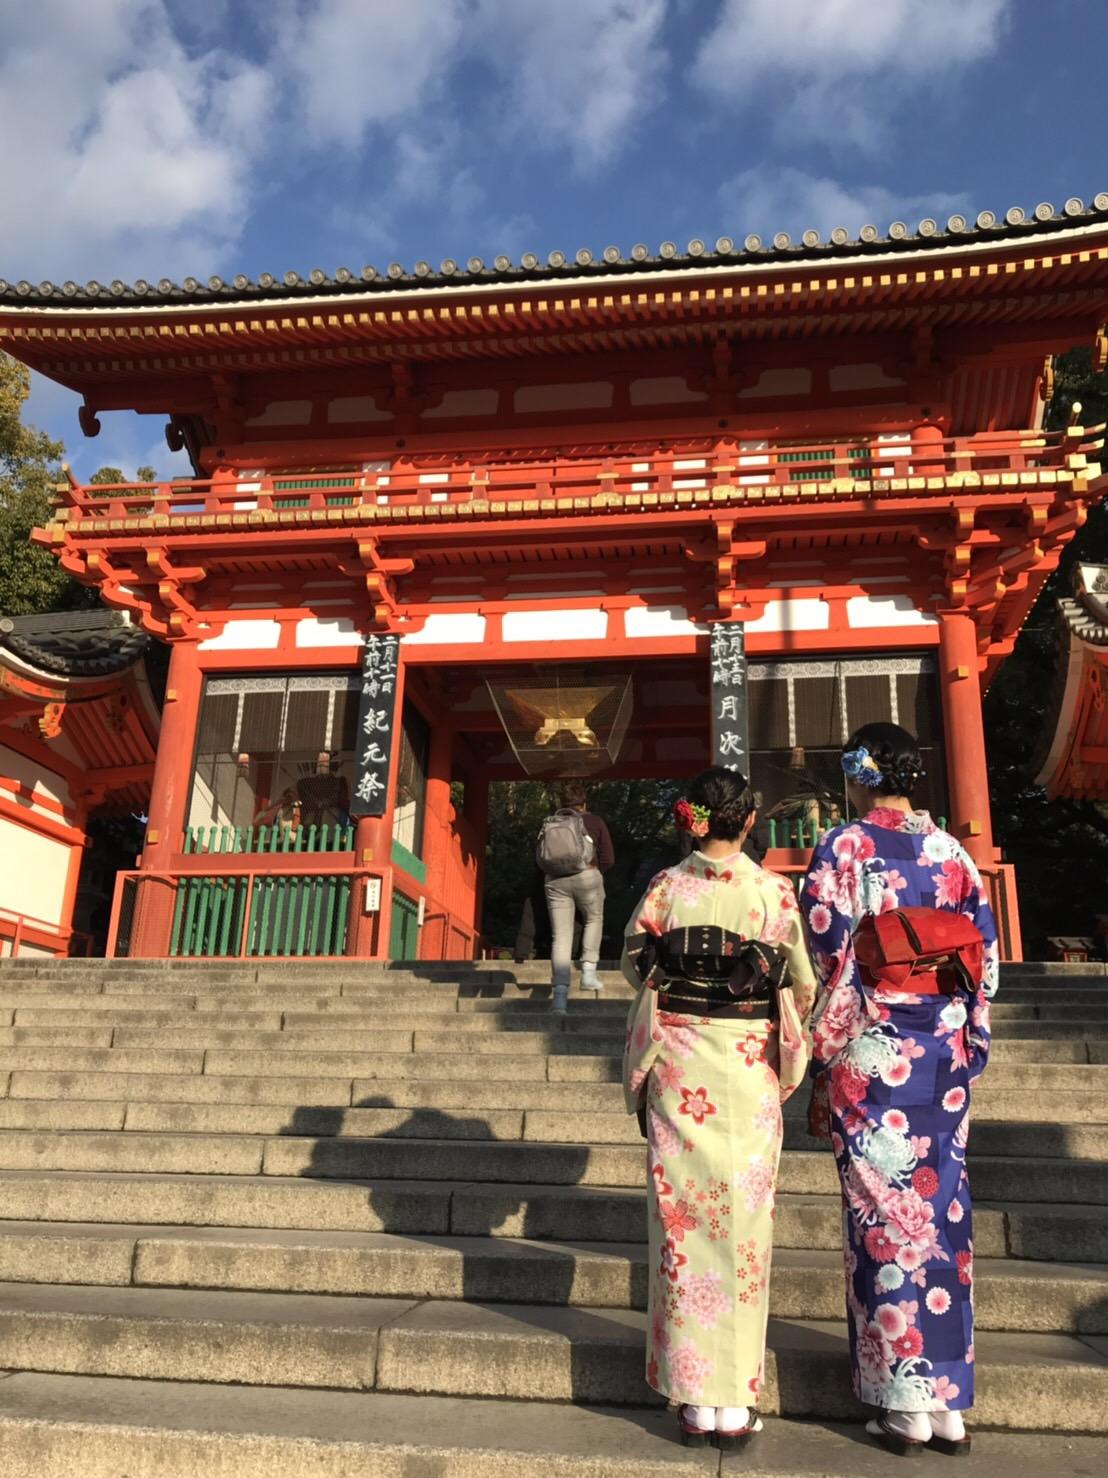 南座で滝沢歌舞伎を観覧(^^♪2019年2月6日2